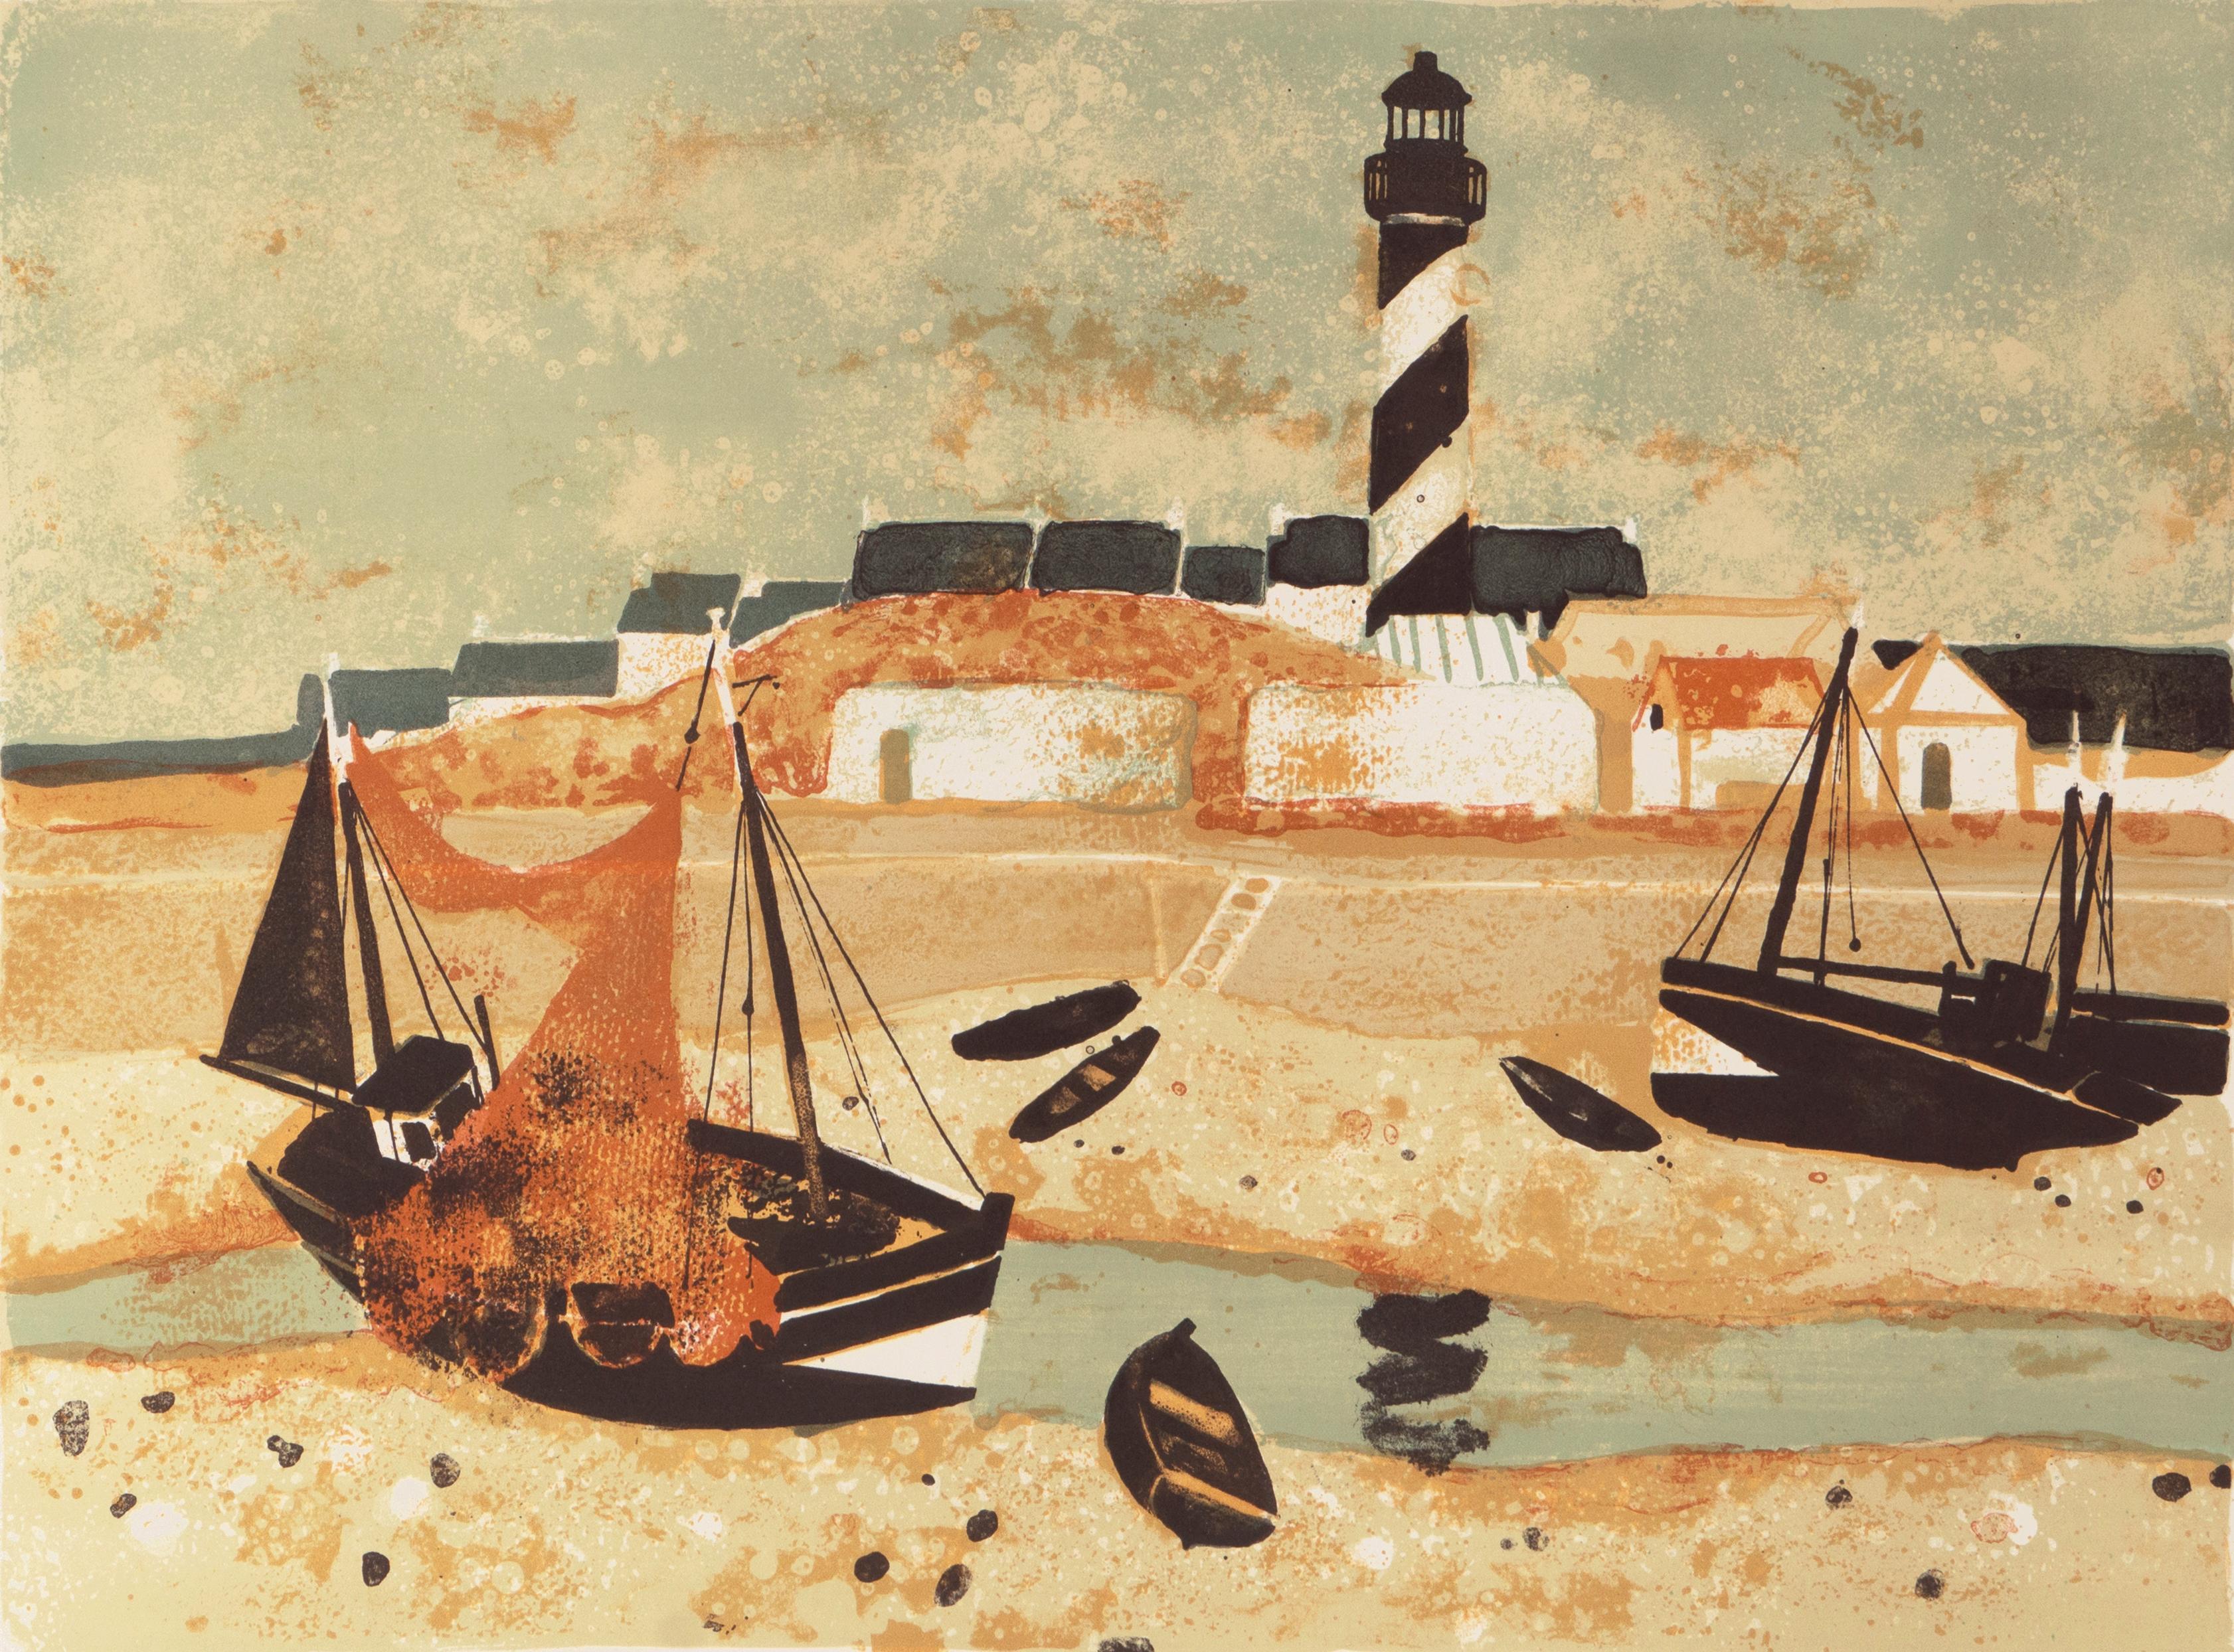 'Low Tide, Brittany', Musée d'Art Moderne, Paris, Ecole des Beaux-Arts, Benezit